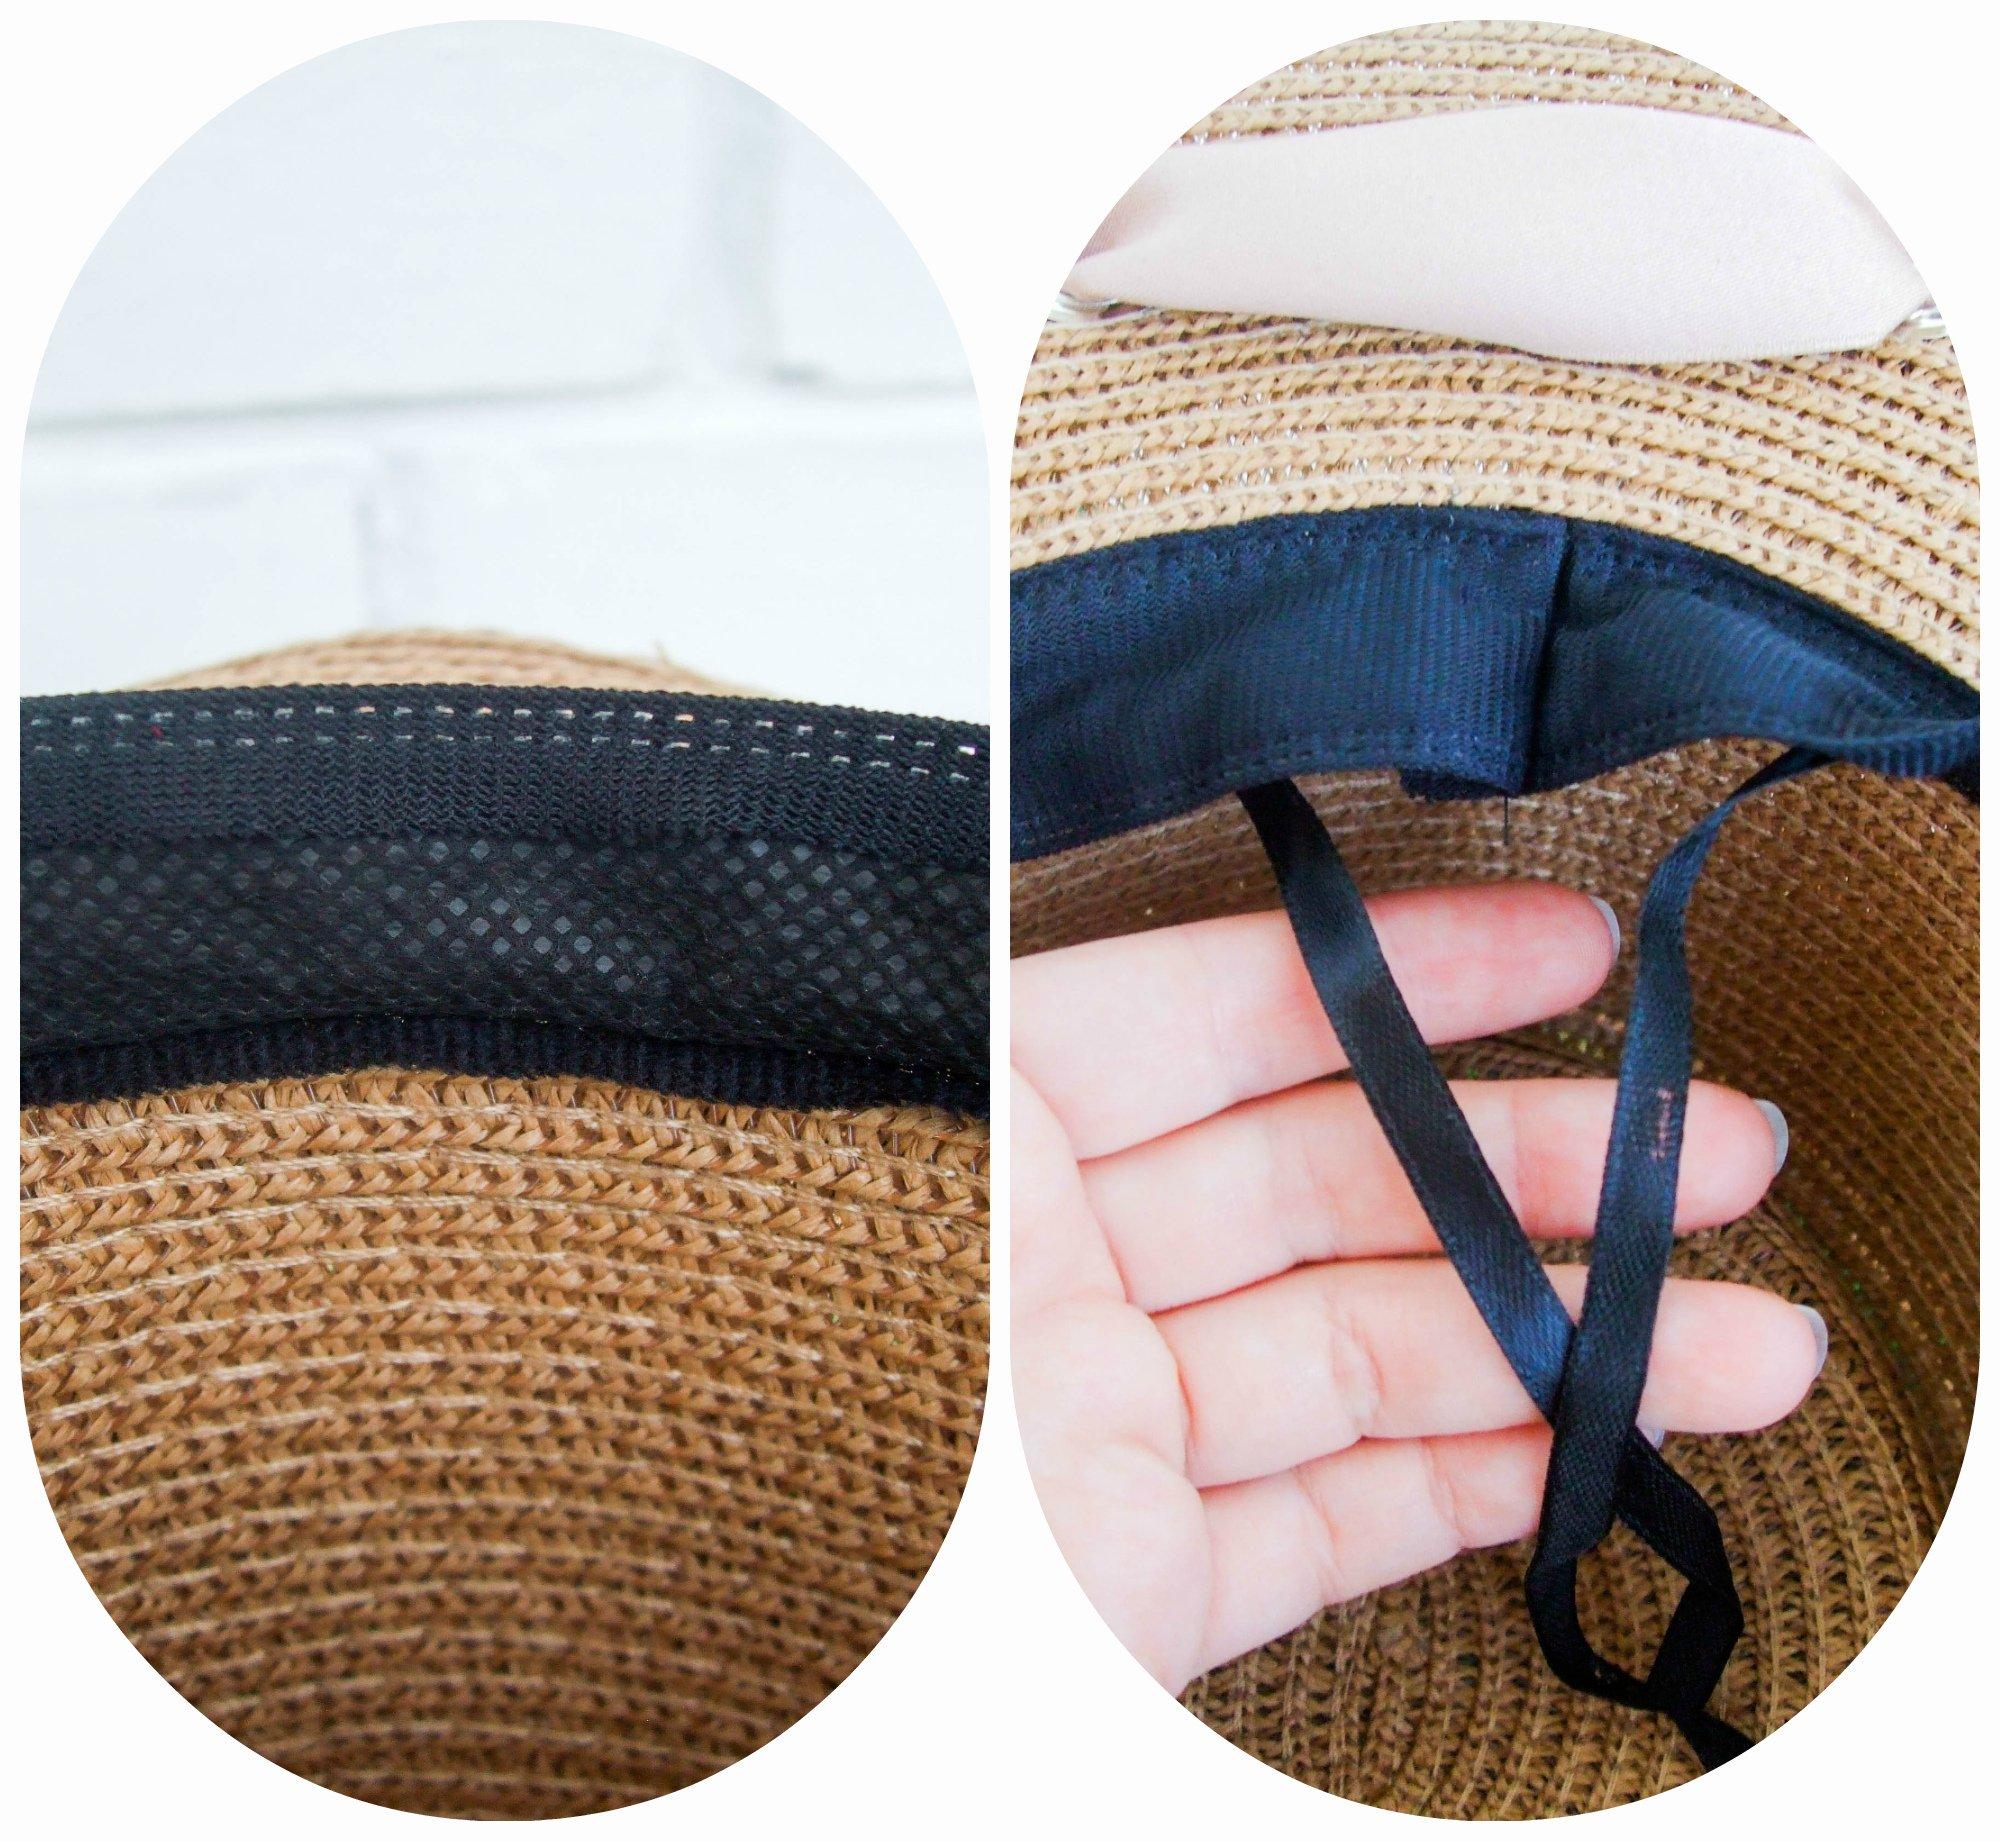 Шляпка с люверсами, которая очень понравилась - tatasha